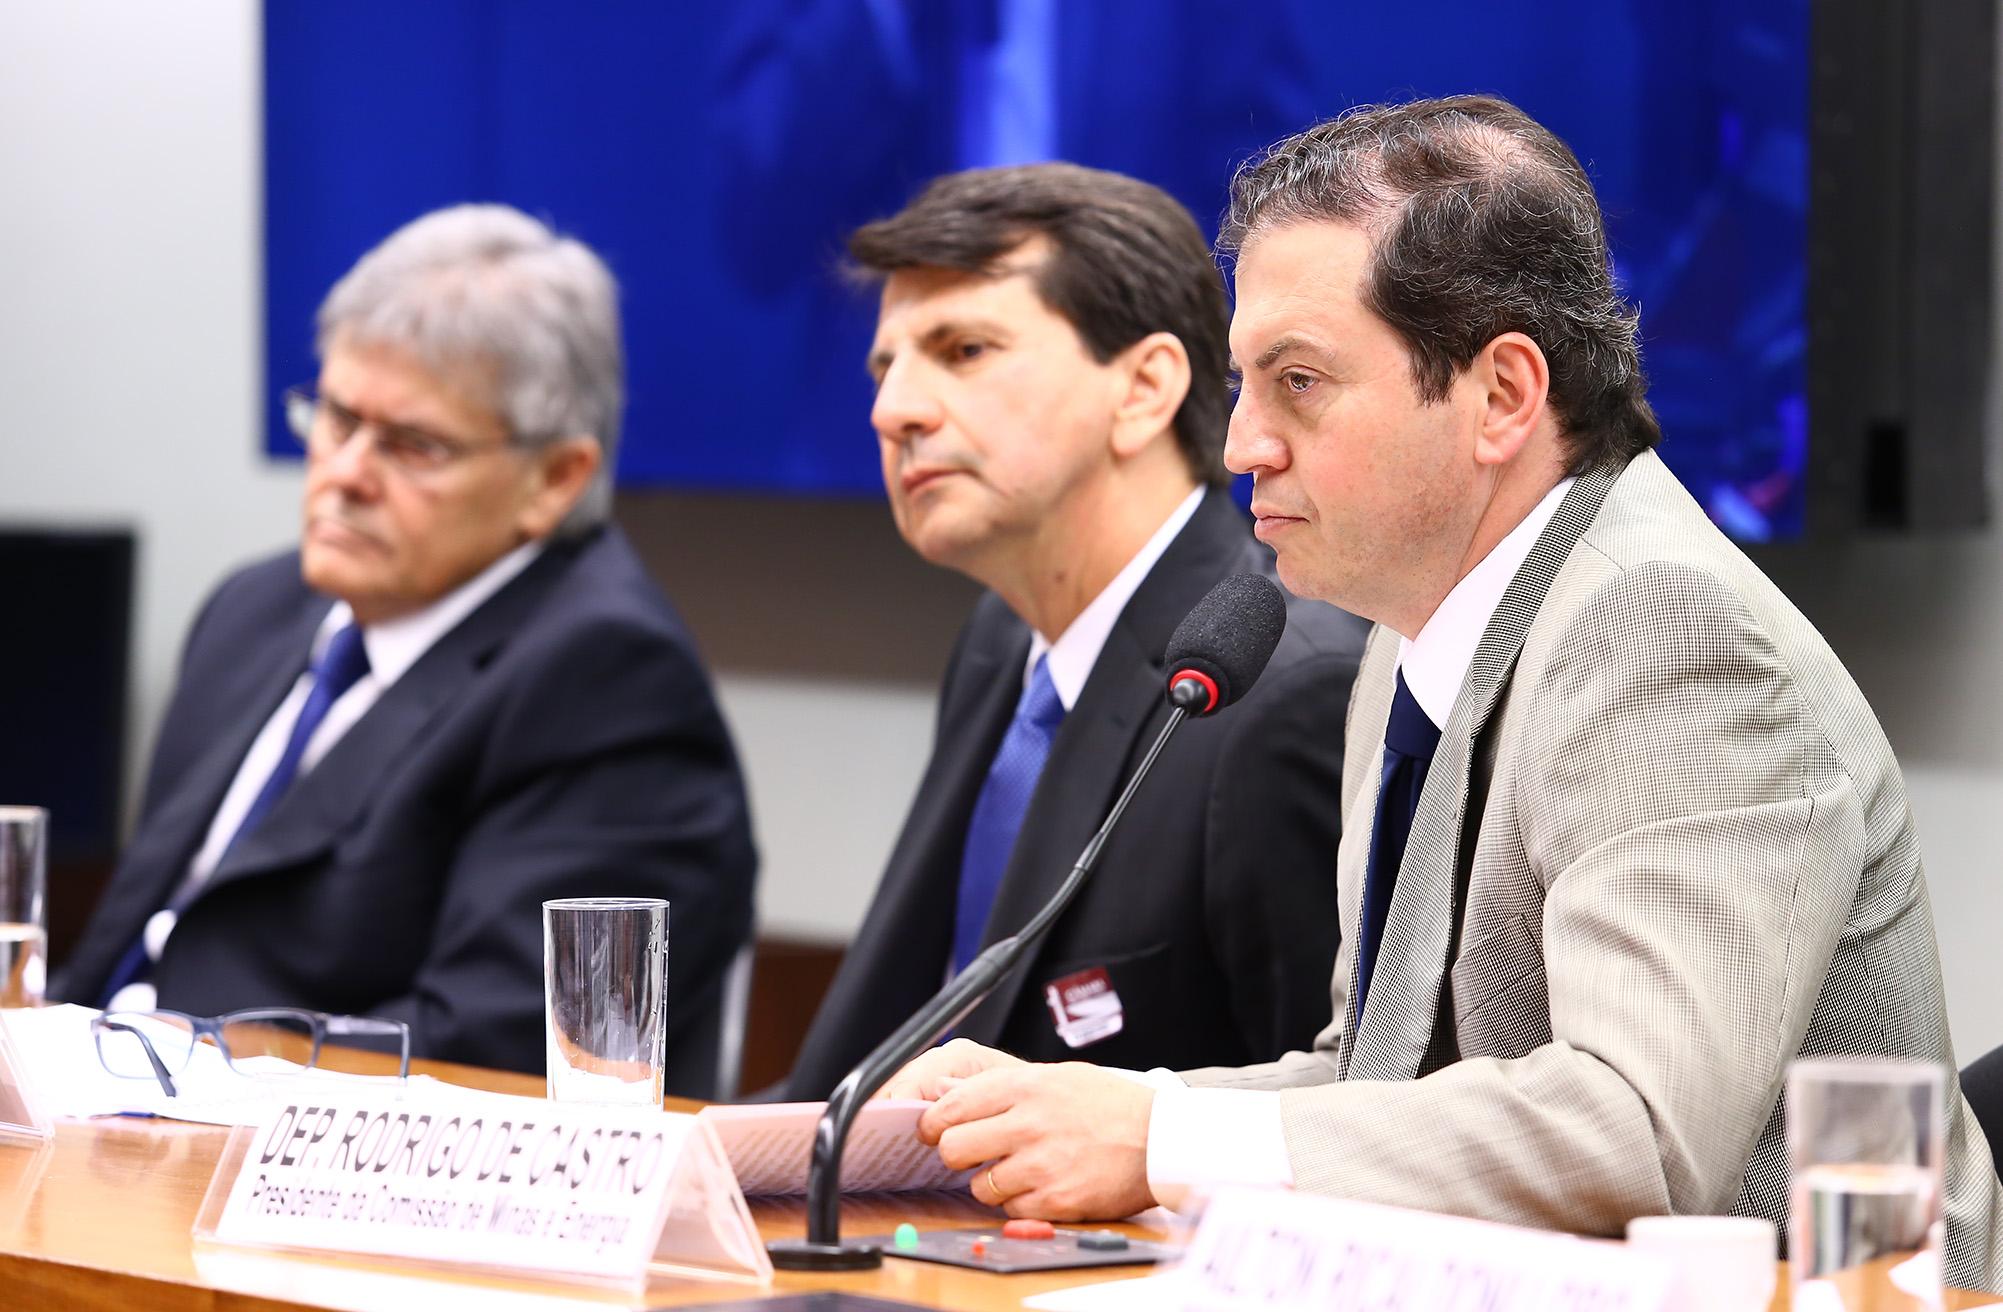 Audiência pública sobre Energia Eólica no Brasil. Presidente da CME, dep. Rodrigo de Castro (PSDB-MG)